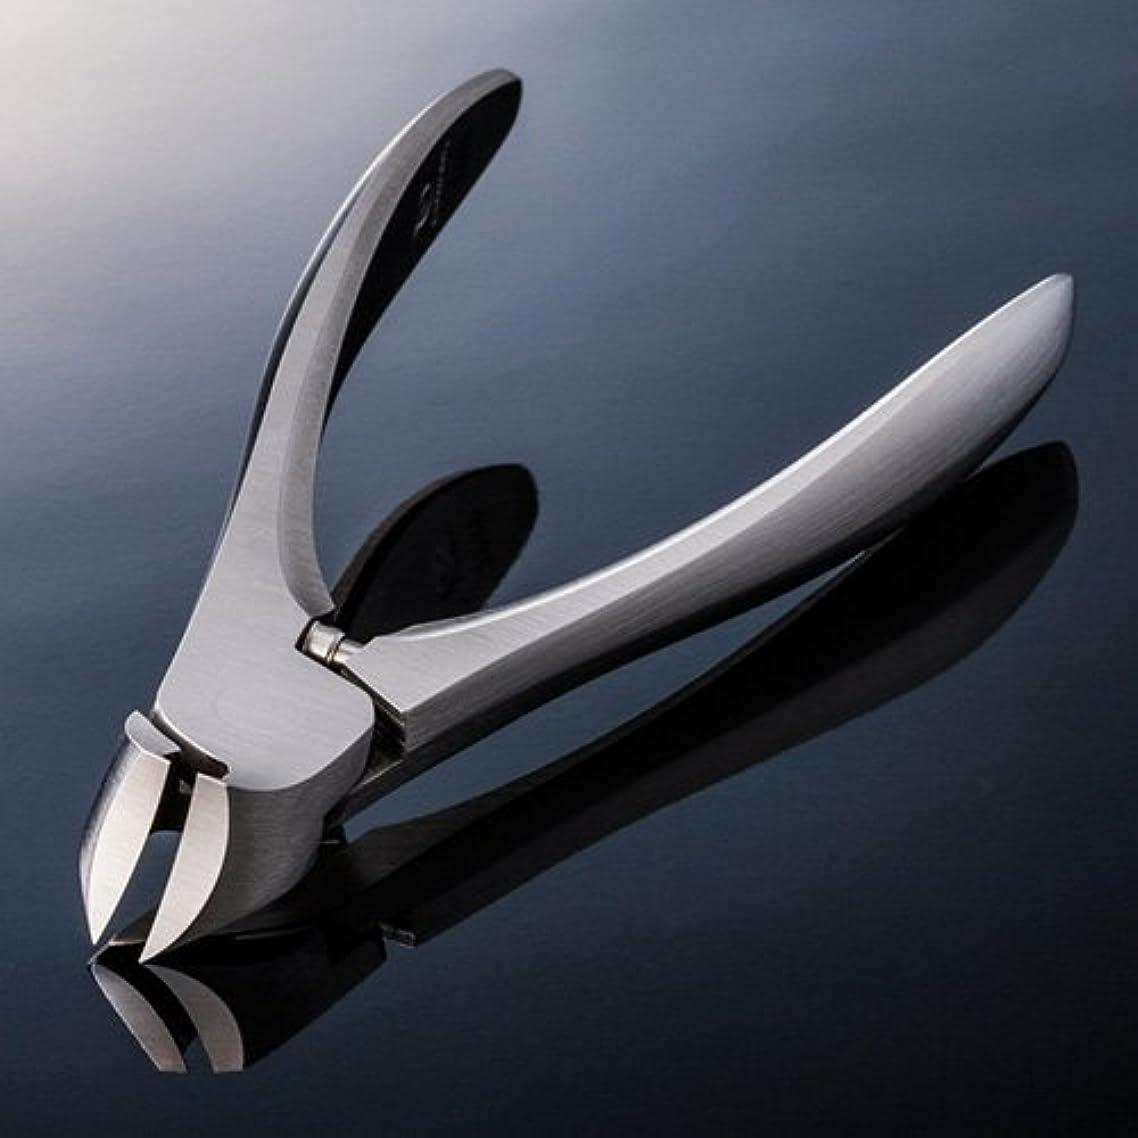 争いすきホールドオール【SUWADA クラシックL 爪やすり付】 諏訪田のつめ切り 爪切り ネイルニッパー 収納メタルケース付 /日本のいいもの